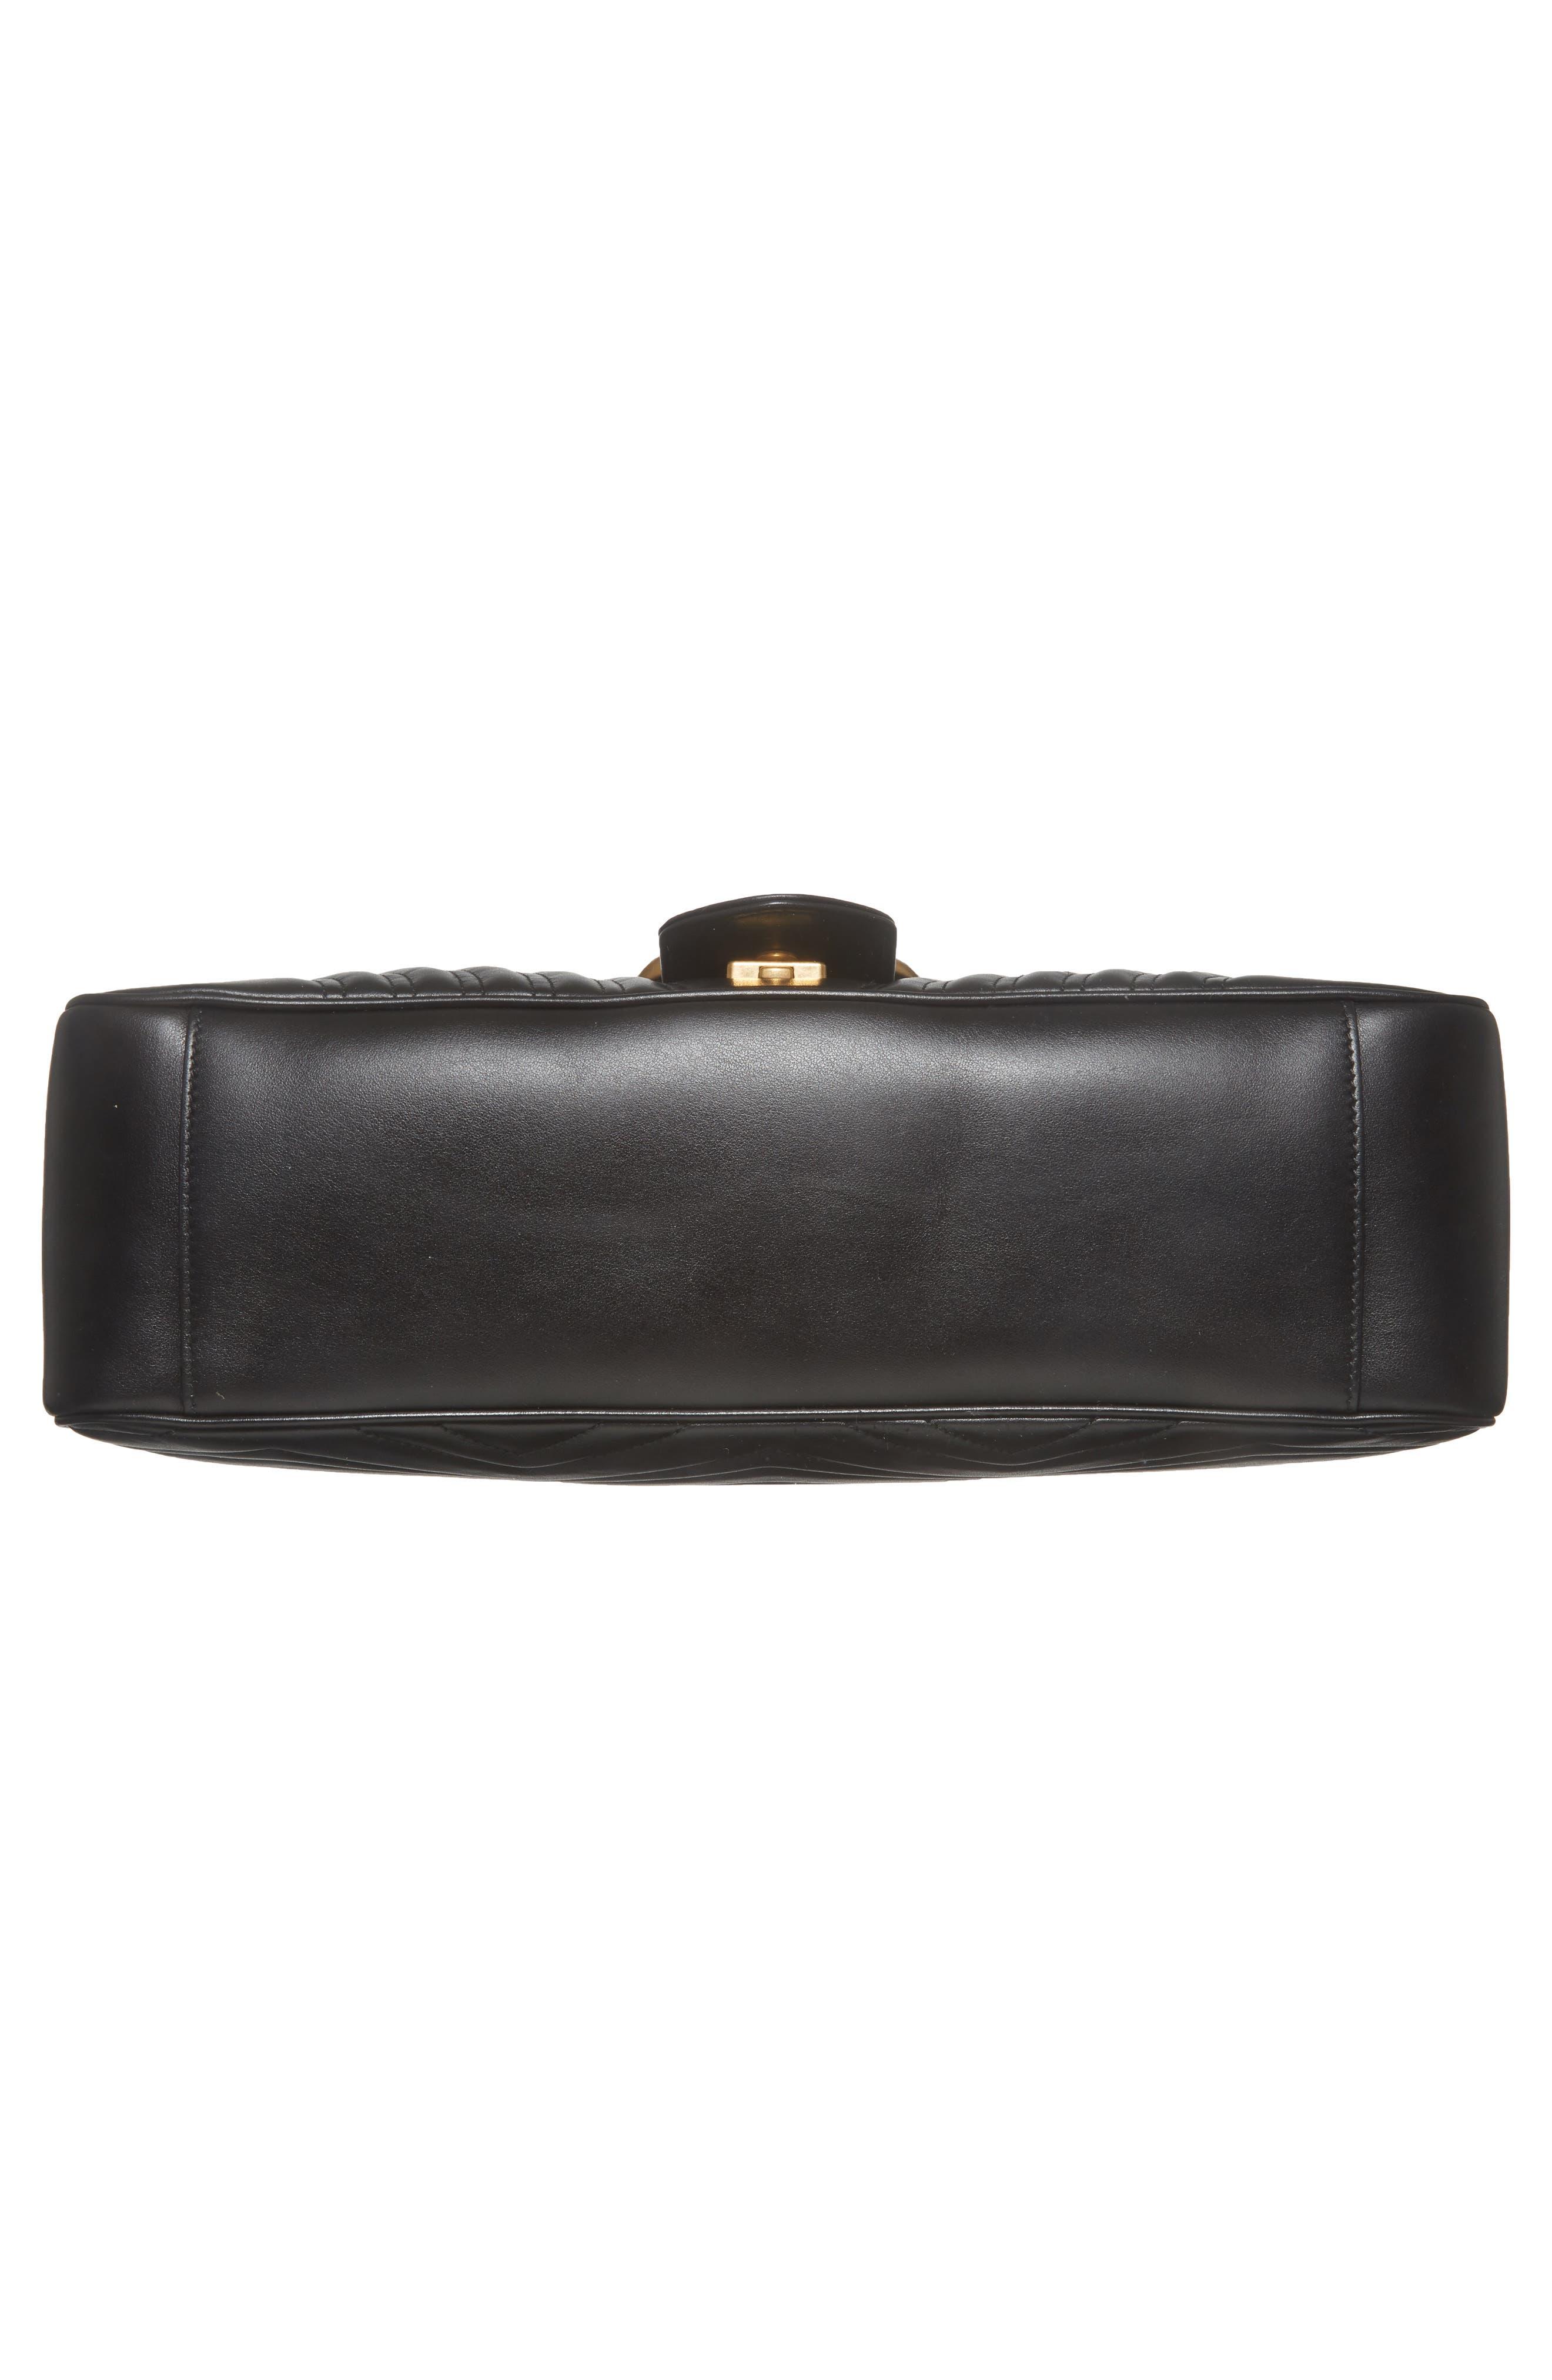 GUCCI, GG Large Marmont 2.0 Matelassé Leather Shoulder Bag, Alternate thumbnail 6, color, NERO